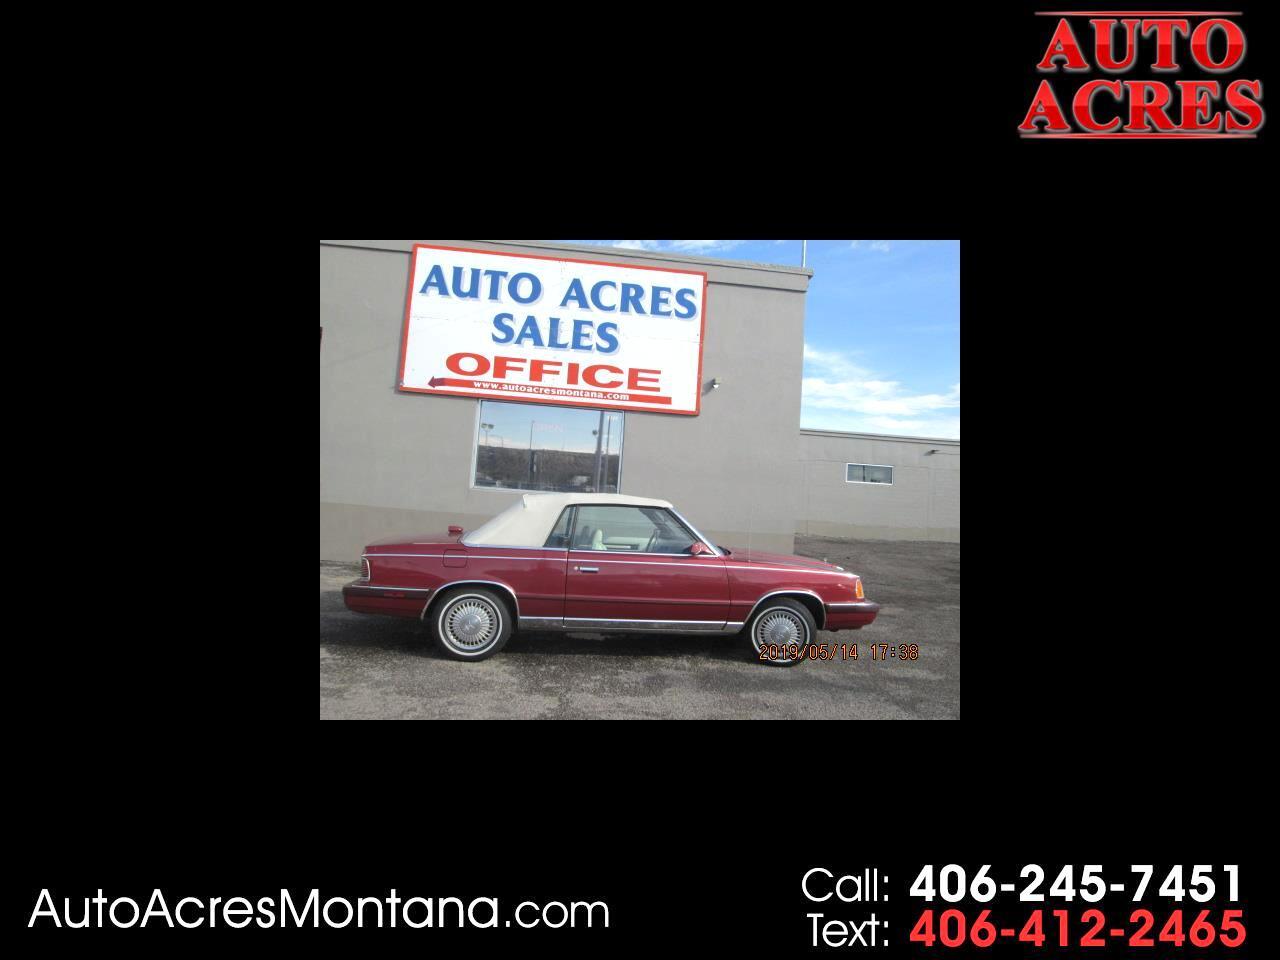 1986 Chrysler LeBaron 2dr Convertible Mark Cross